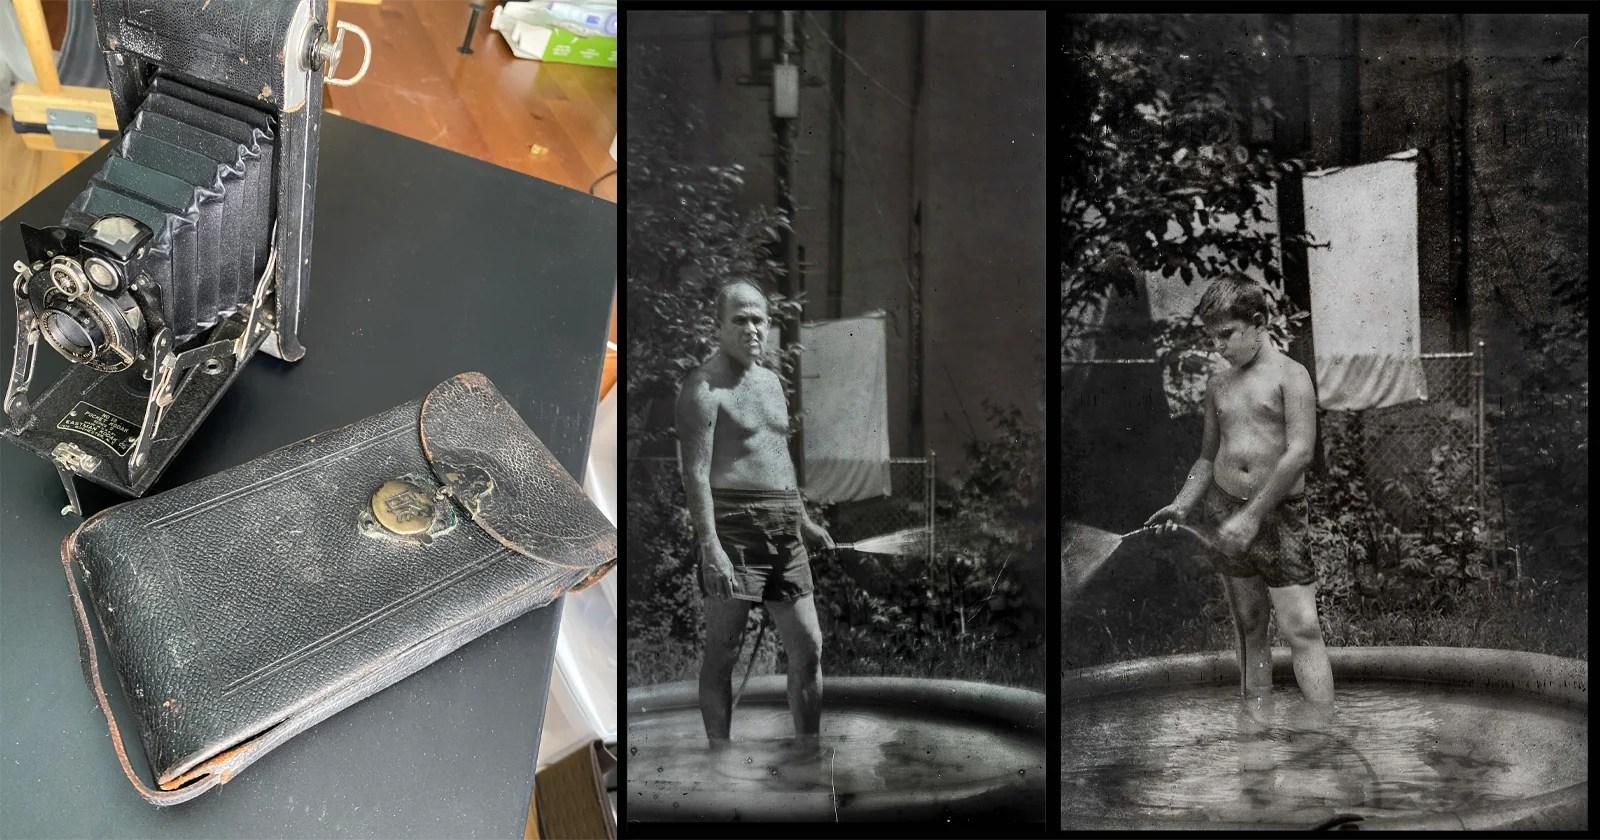 Il fotografo scopre una pellicola non sviluppata all'interno della fotocamera Kodak degli anni '20